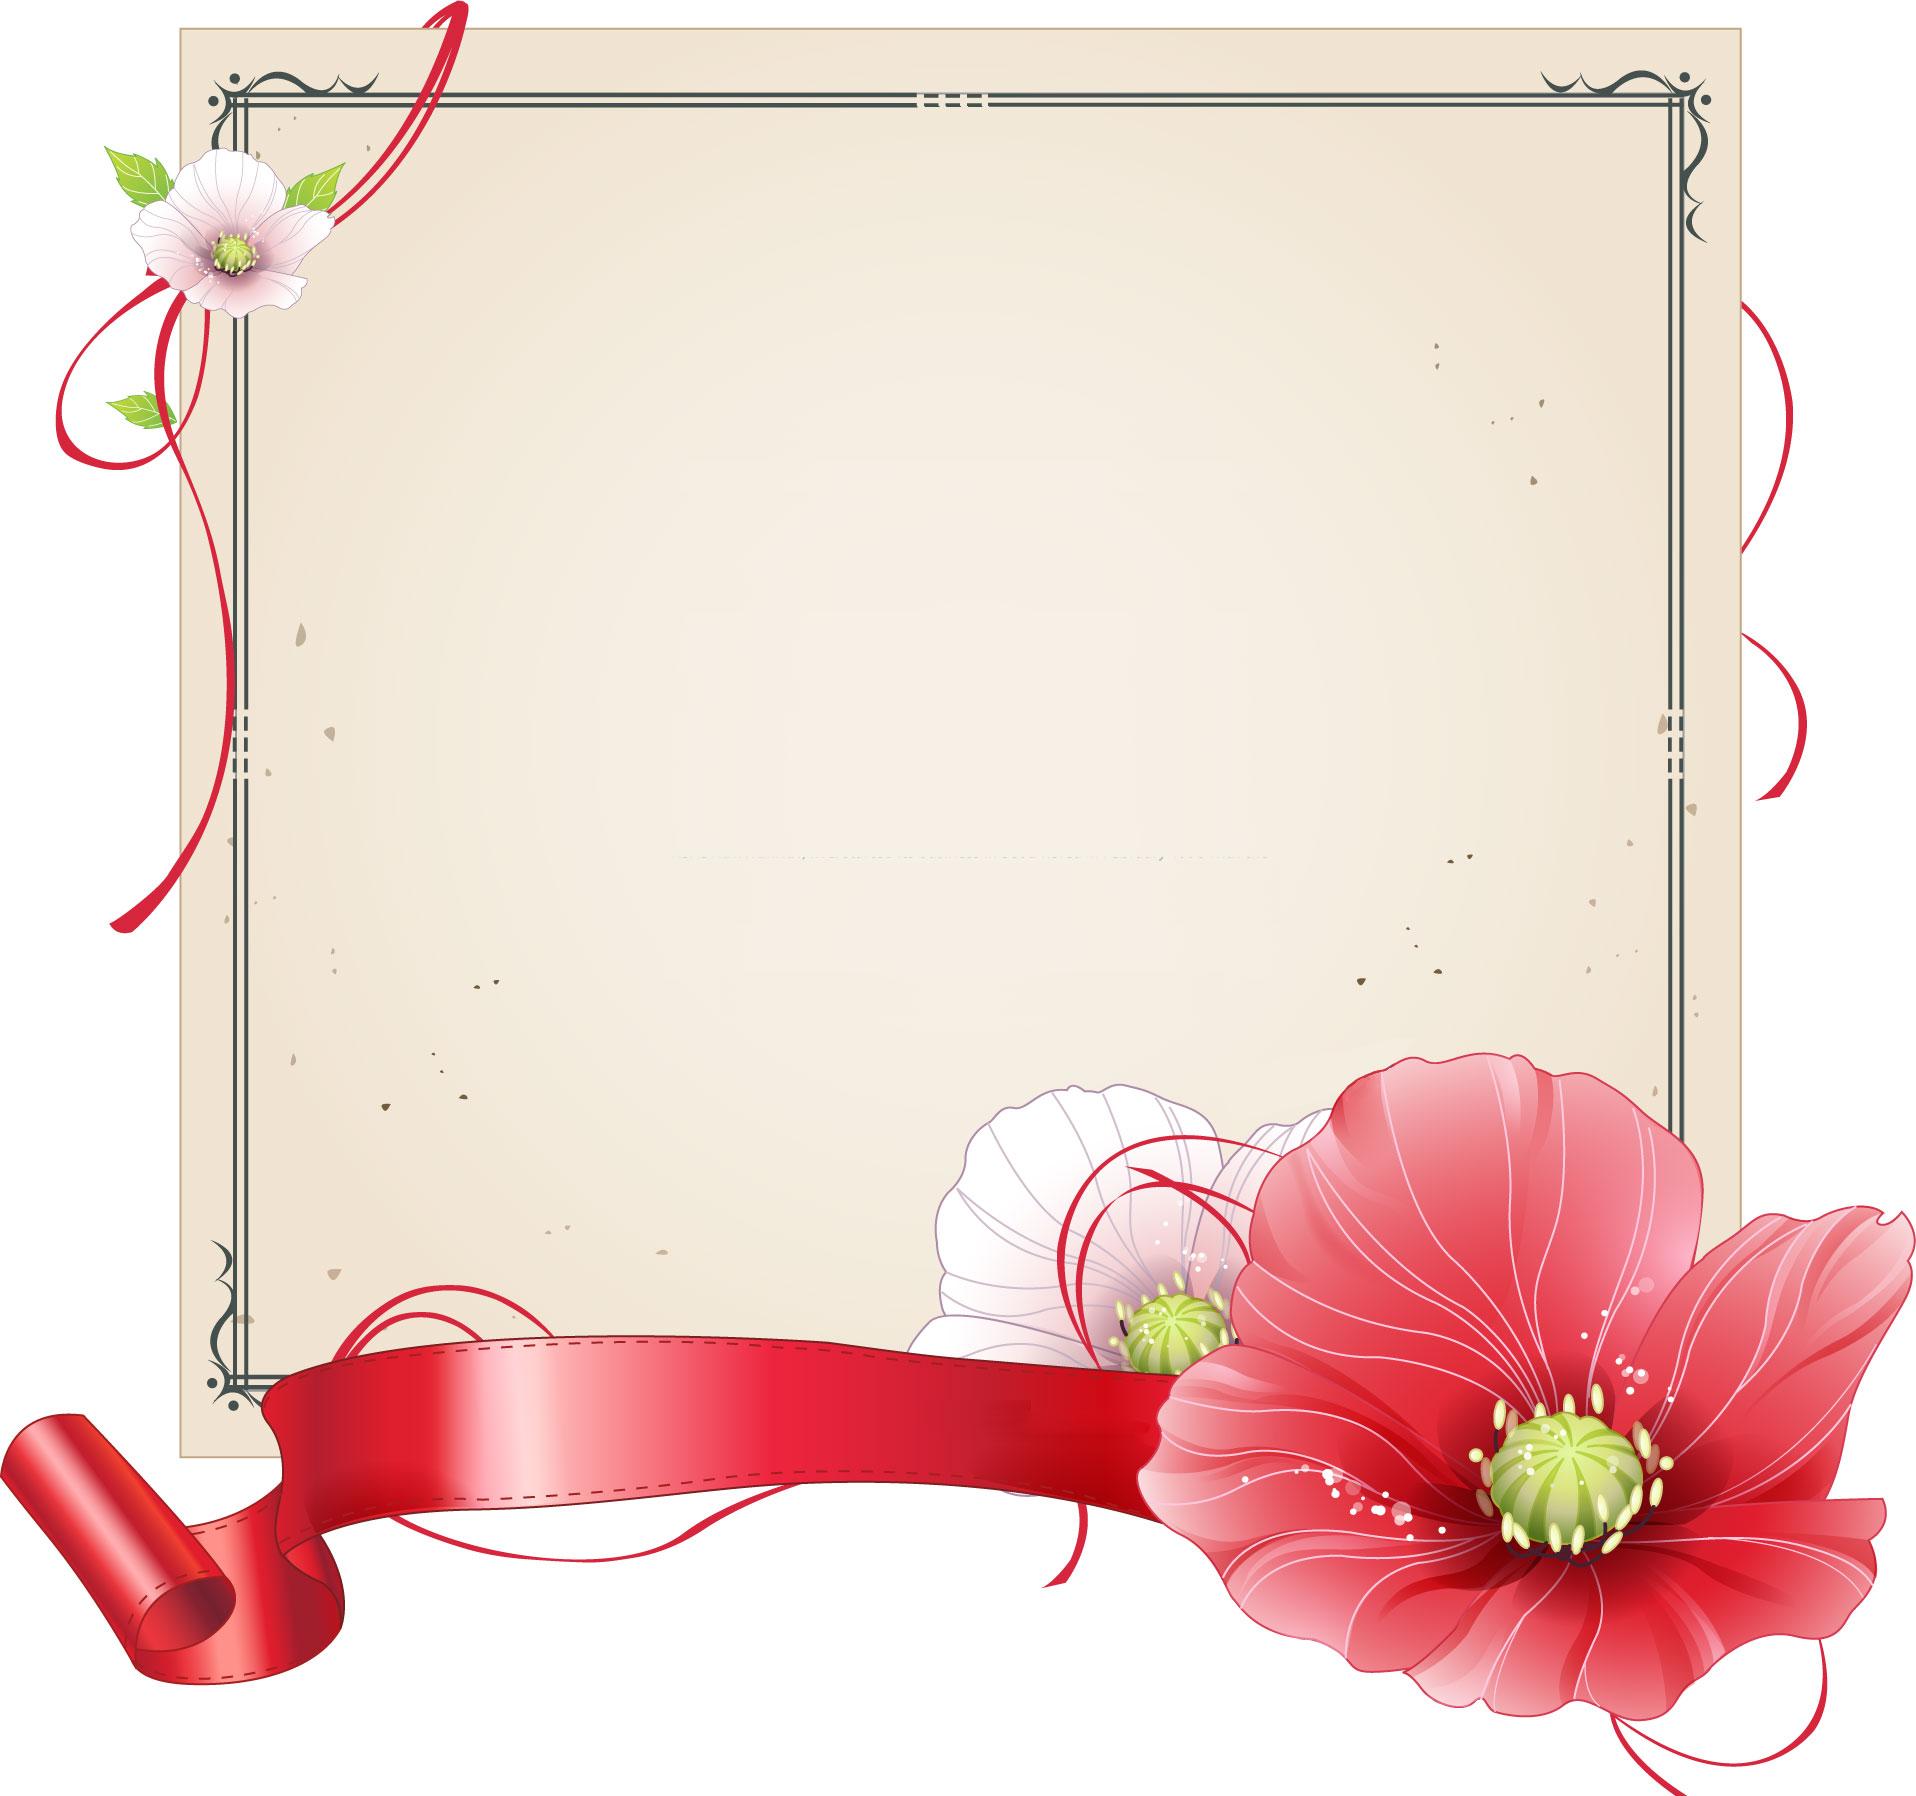 花のイラスト・フリー素材/フレーム枠no.373『色紙・リボン・赤白』